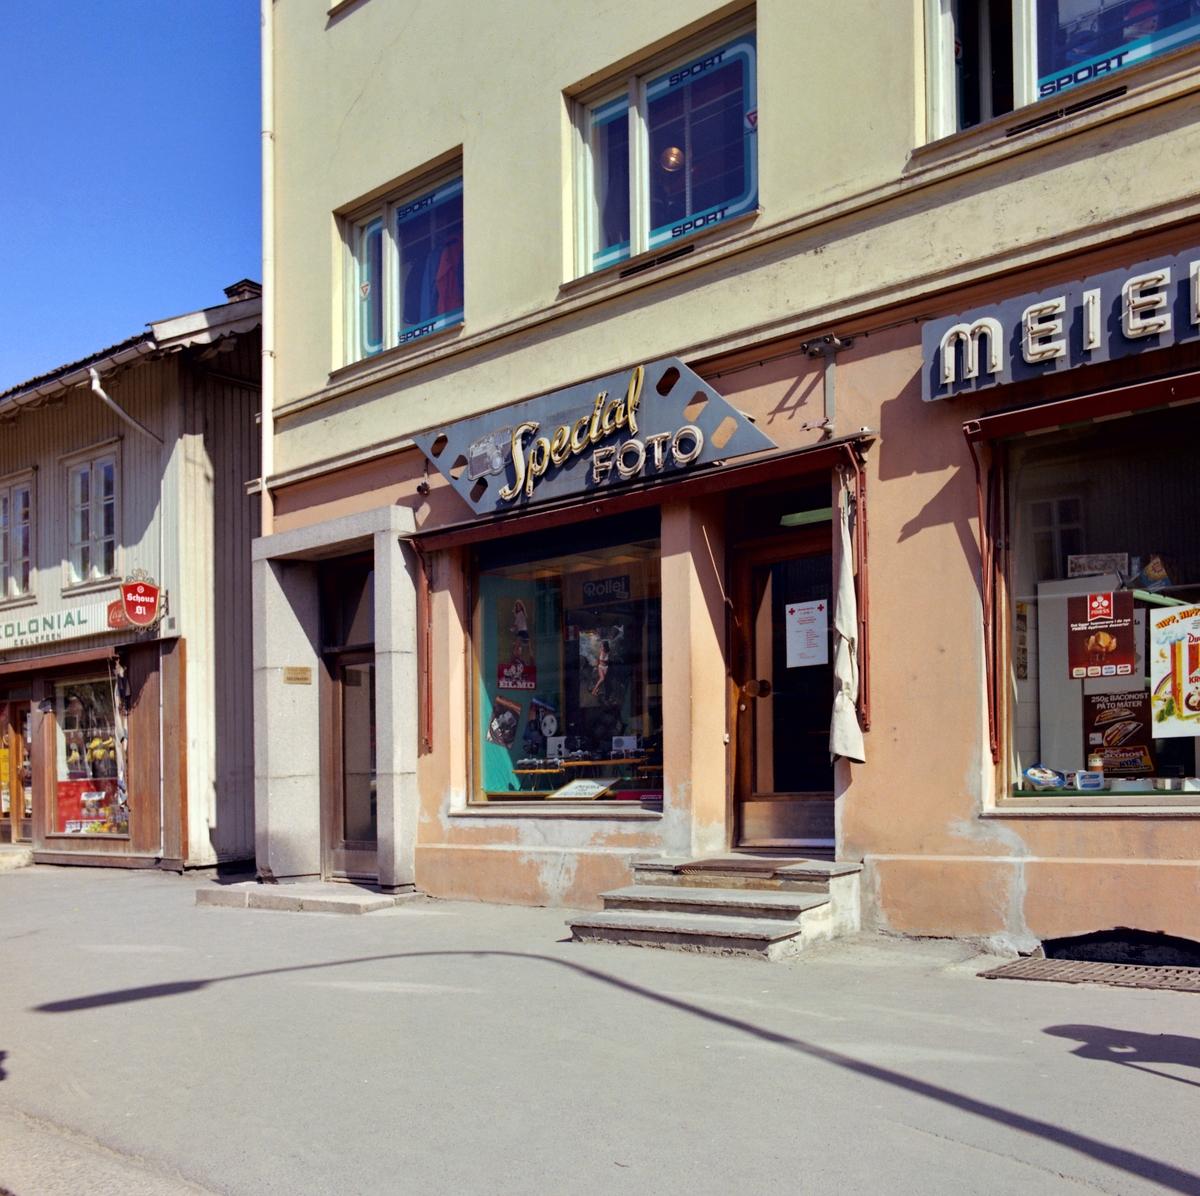 Fasader av  Romerike fotoforretninger og Torleiv Imbsen skobutikk